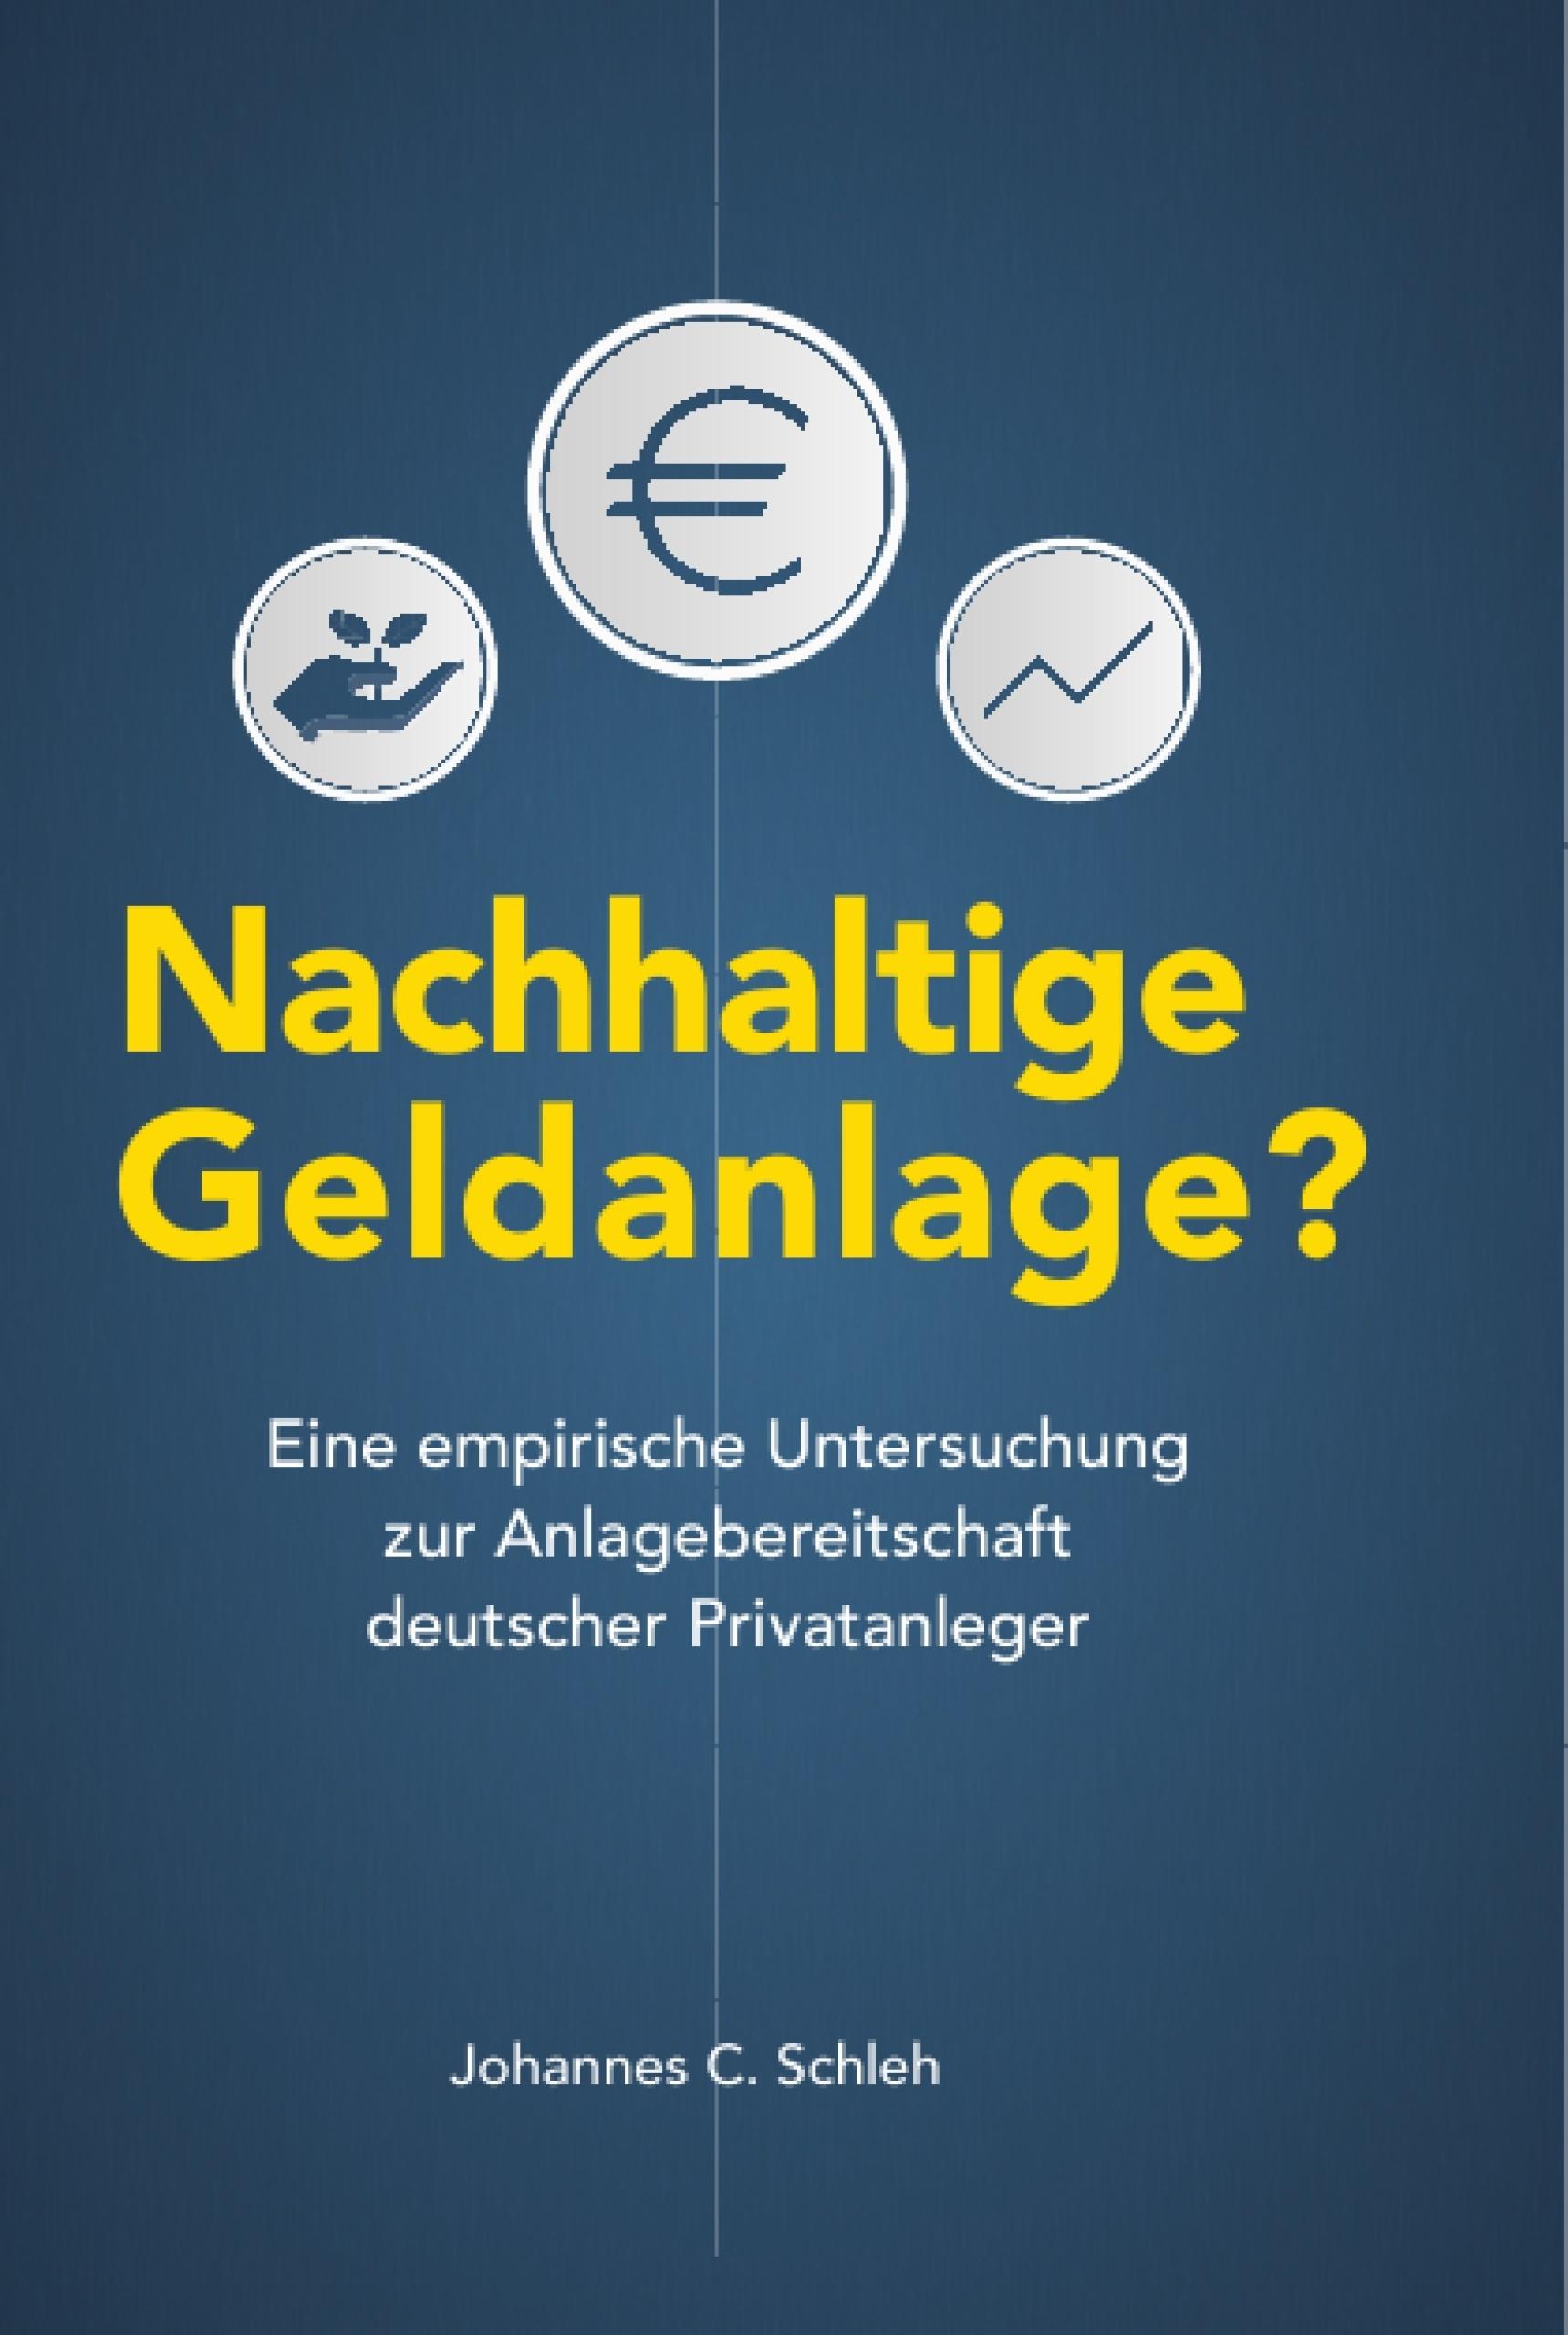 Titel: Nachhaltige Geldanlage? Eine empirische Untersuchung zur Anlagebereitschaft deutscher Privatanleger